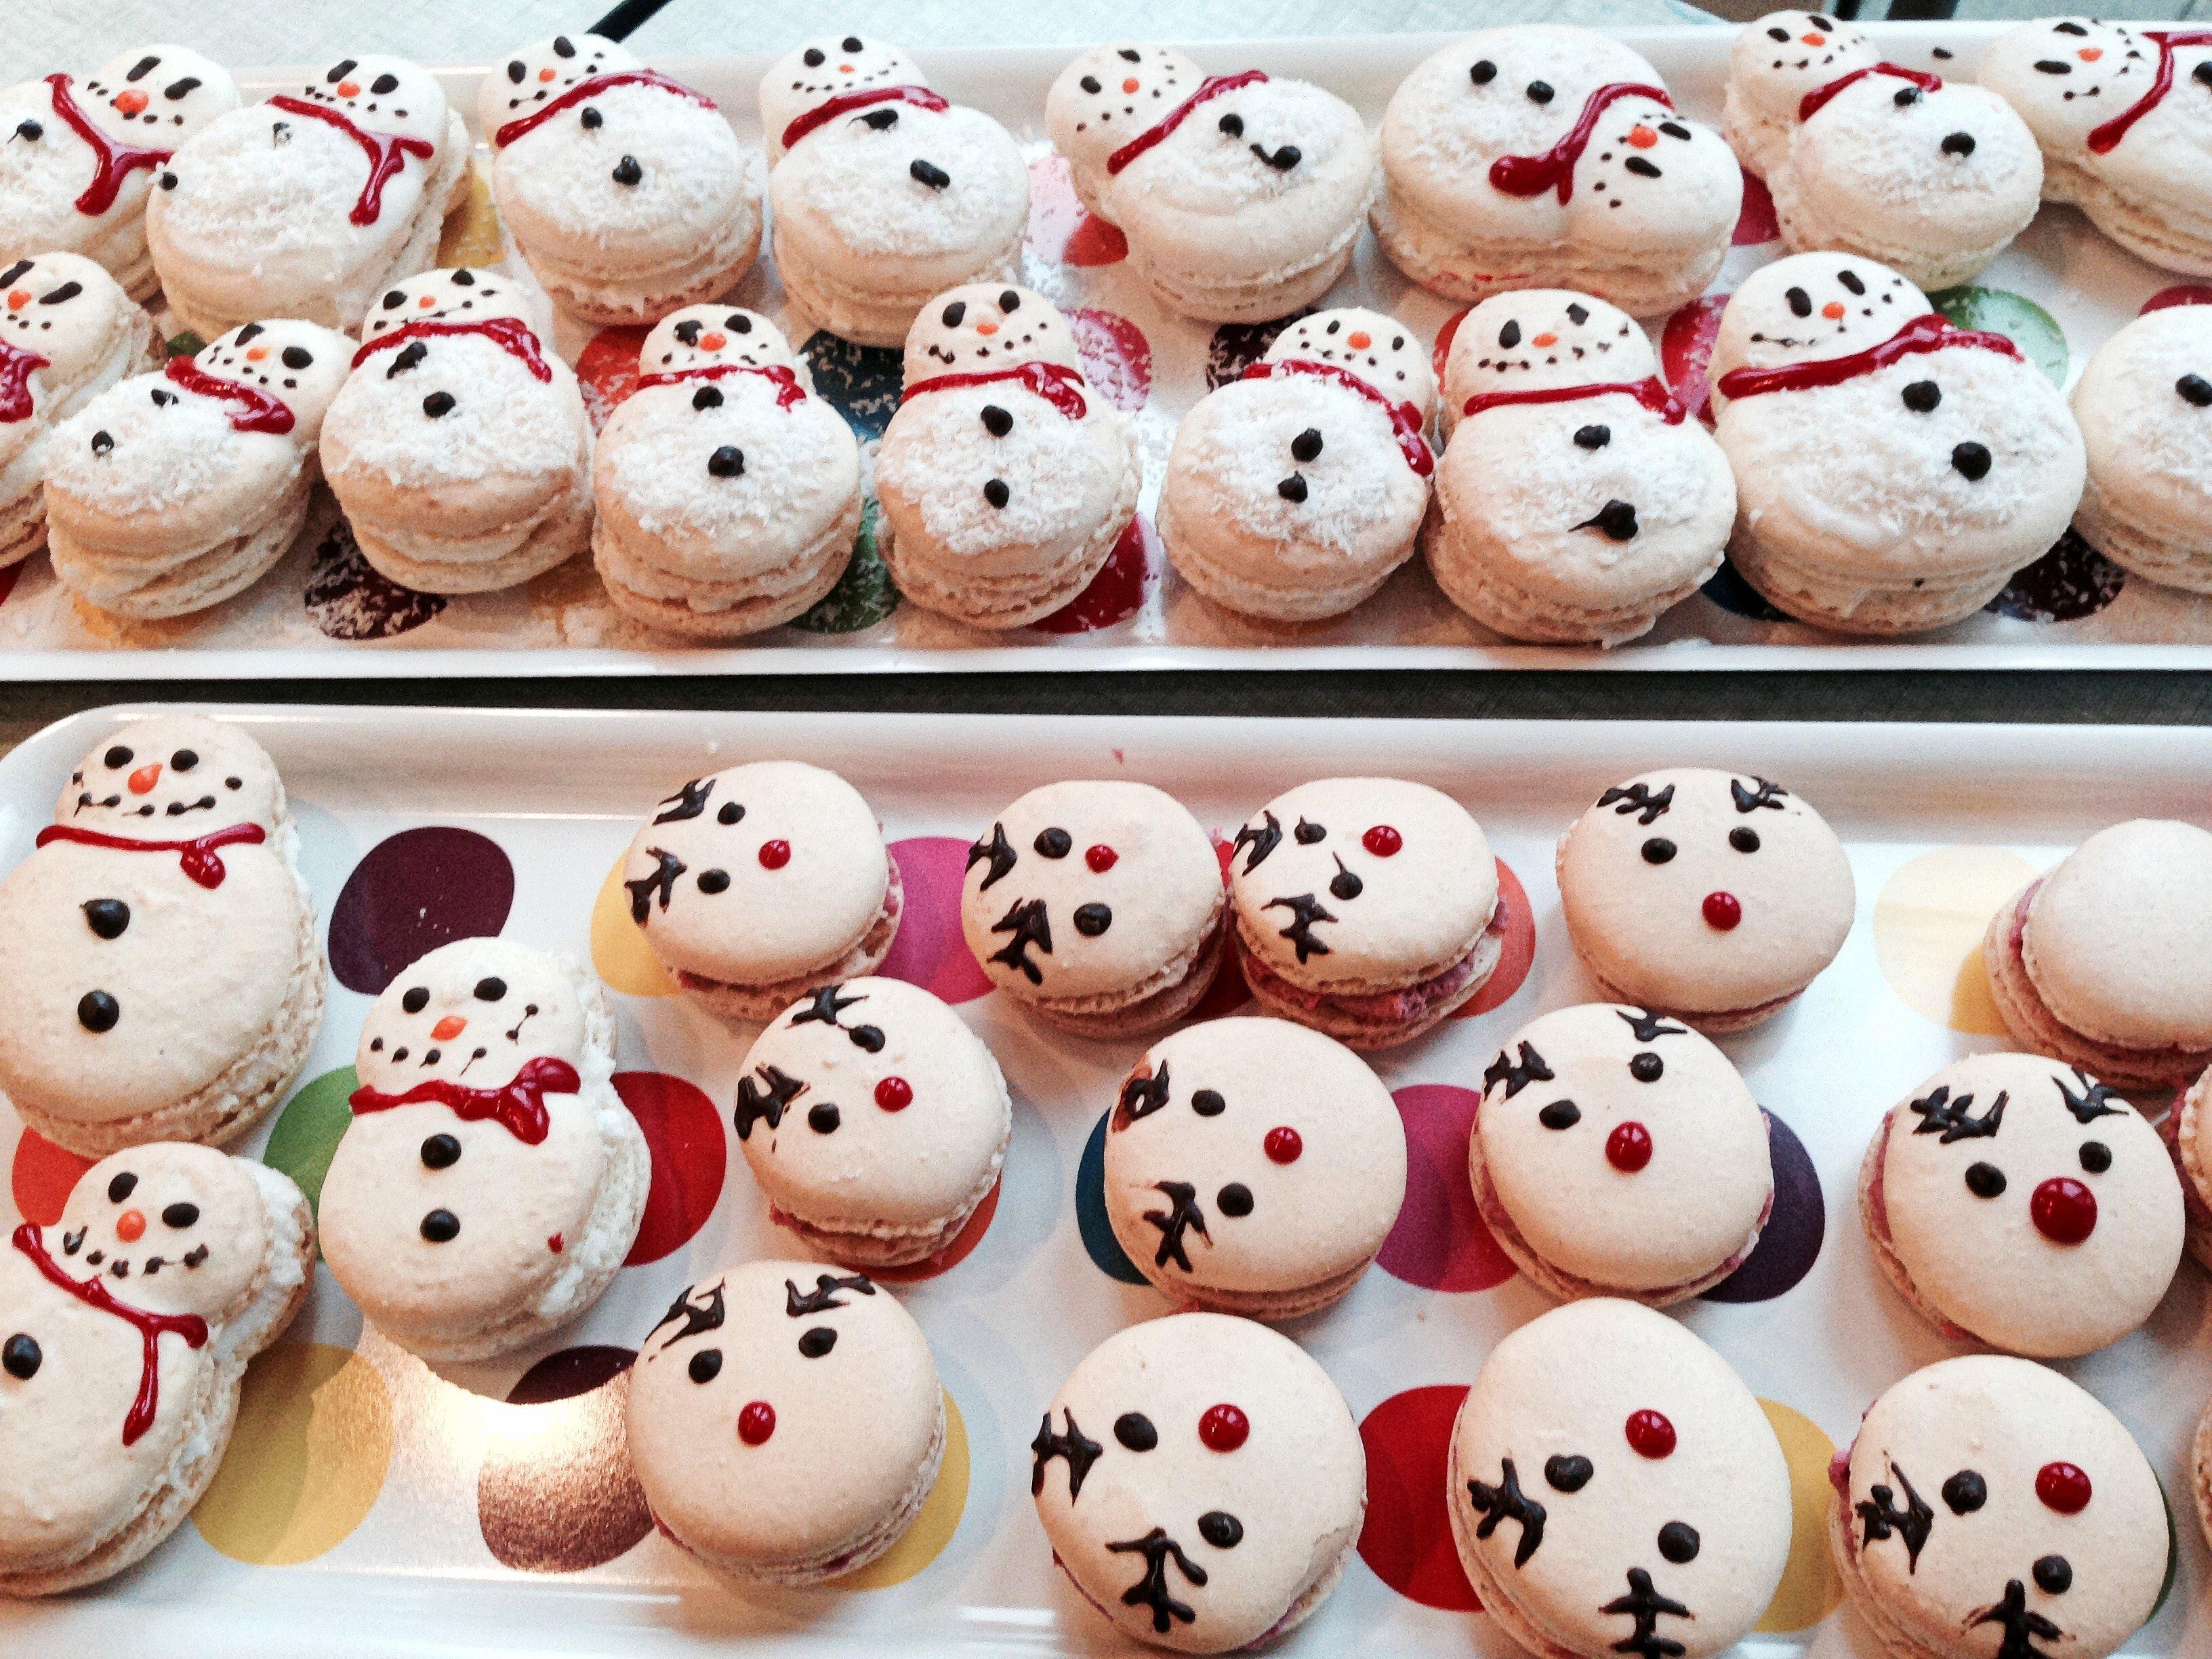 Sneeuwman & rendier macarons met kokosvulling (www.degeurvan.com)